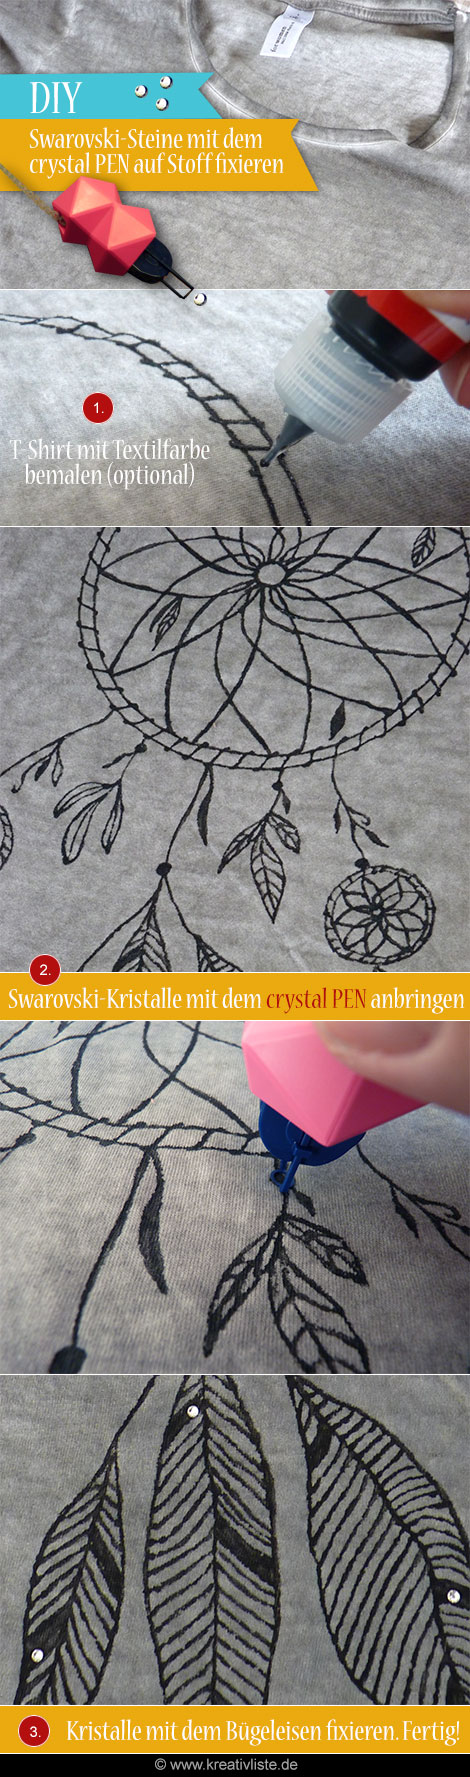 DIY - Swarovski Strass-Steine auf Textilien anbringen mit dem crystal PEN